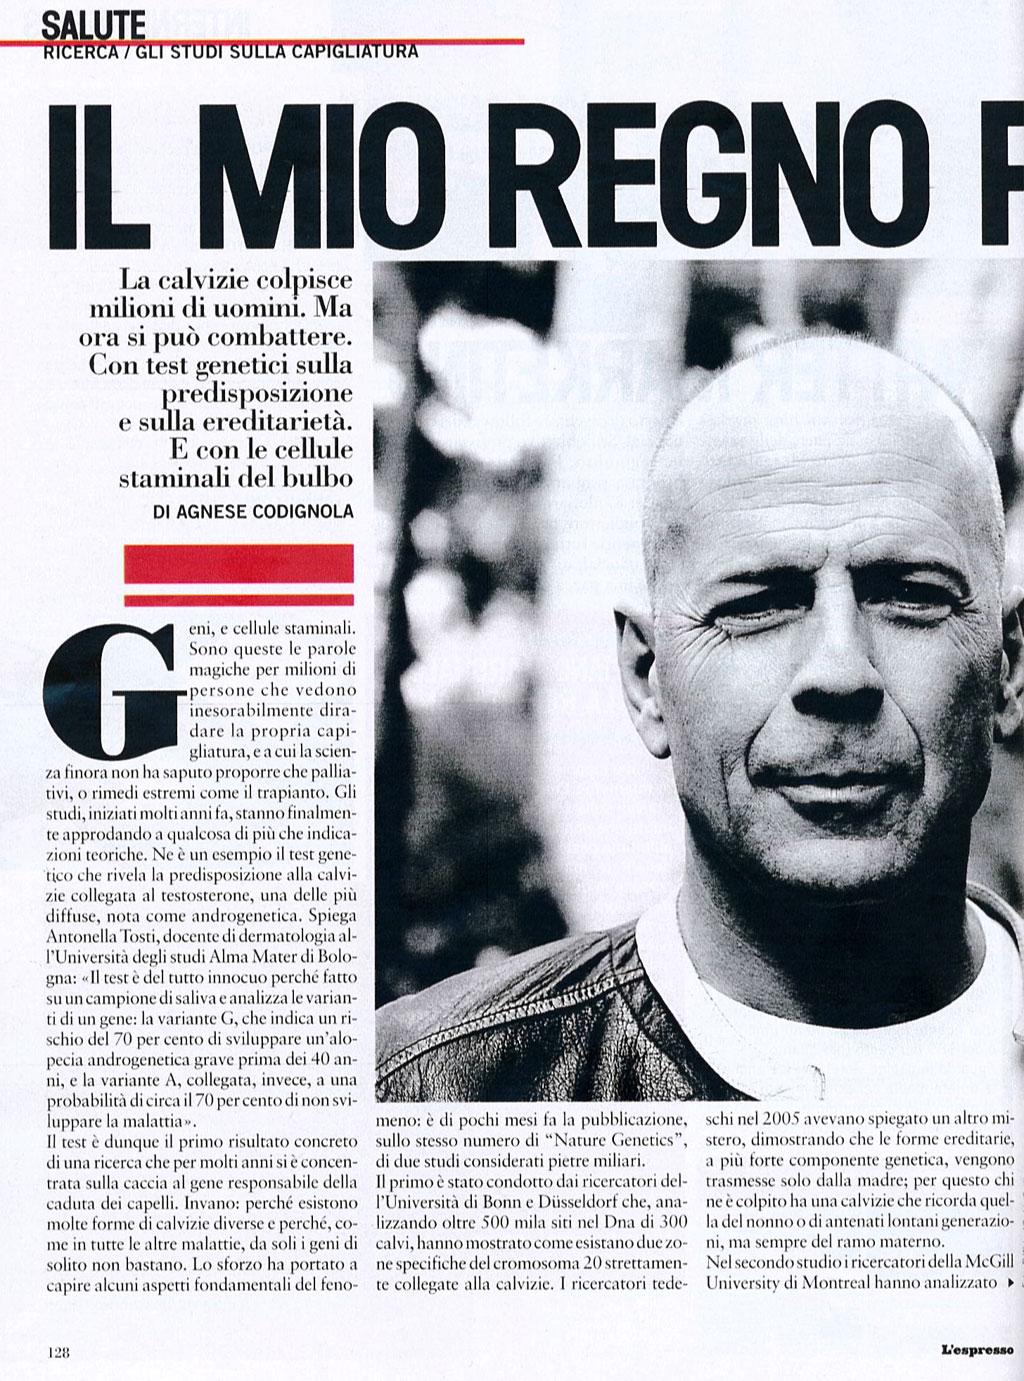 Parla il mago del trapianto - Articolo su Piero Rosati su L'Espresso 1